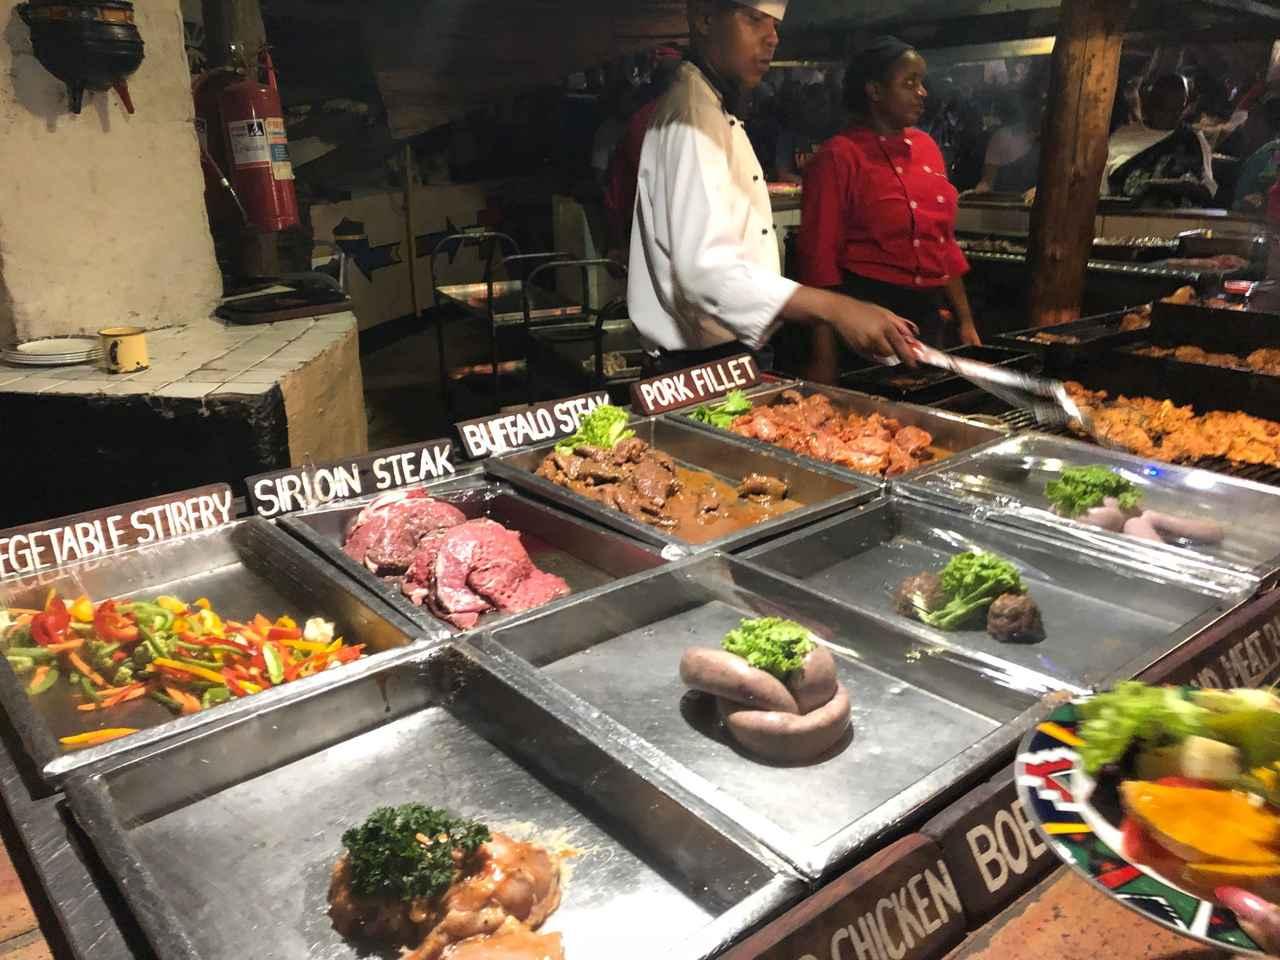 画像: 様々な種類のお肉を楽しめるボマディナー(スタッフ撮影)